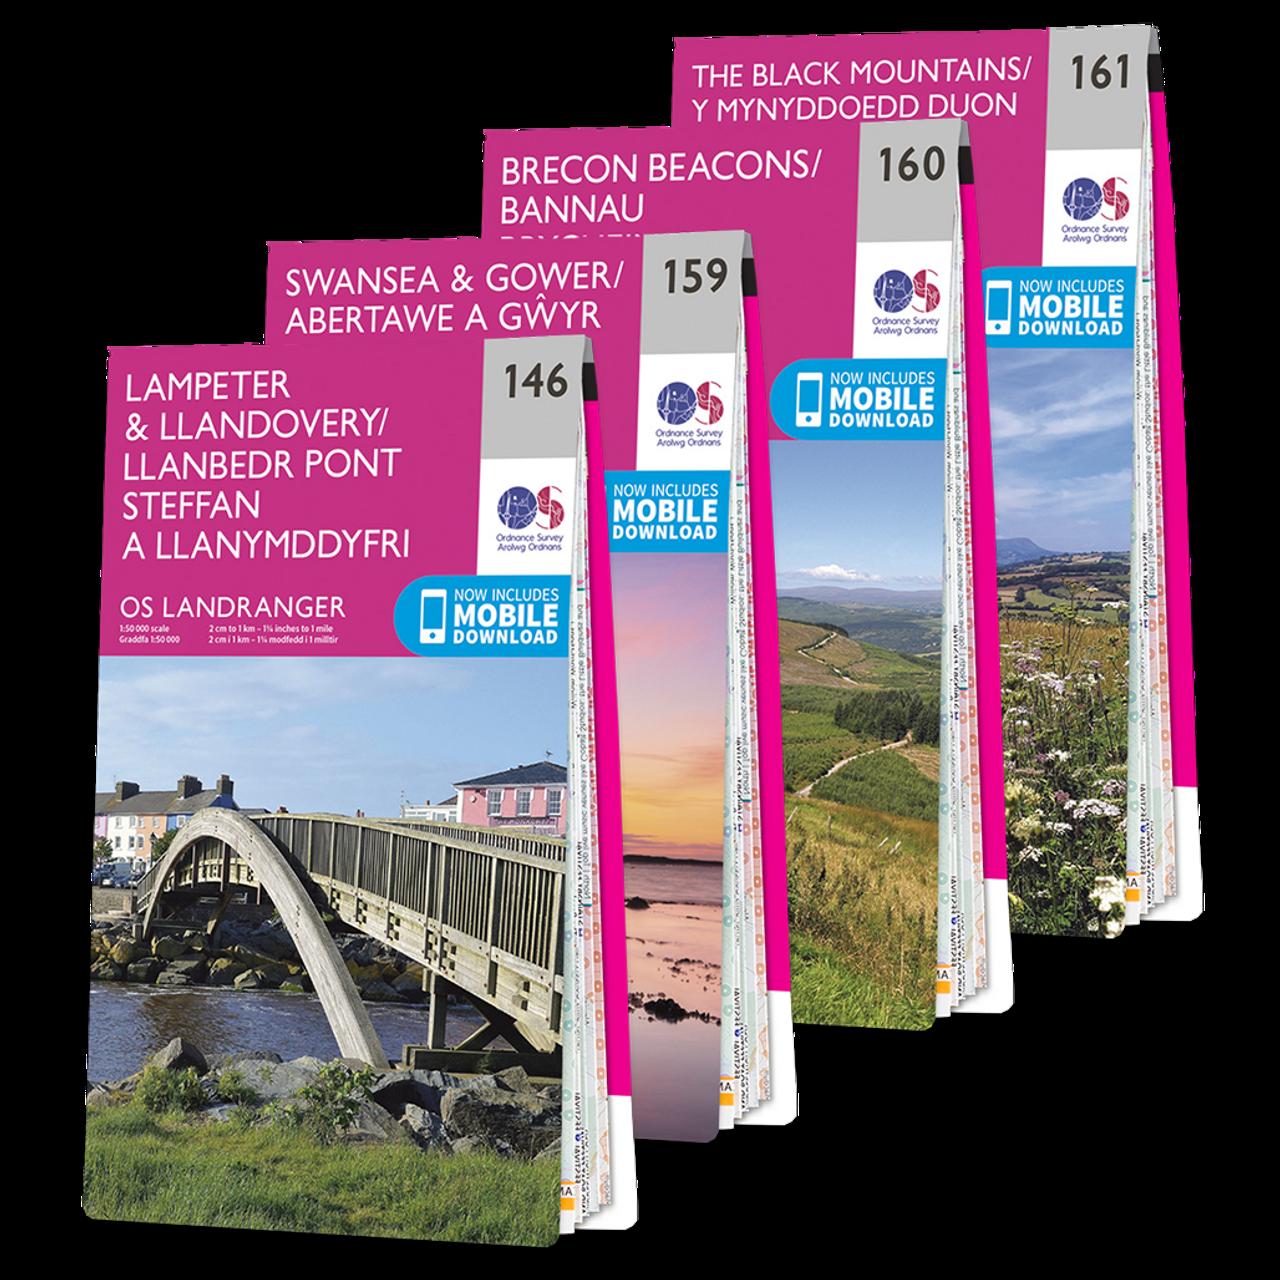 Os Landranger Brecon Beacons Map Set